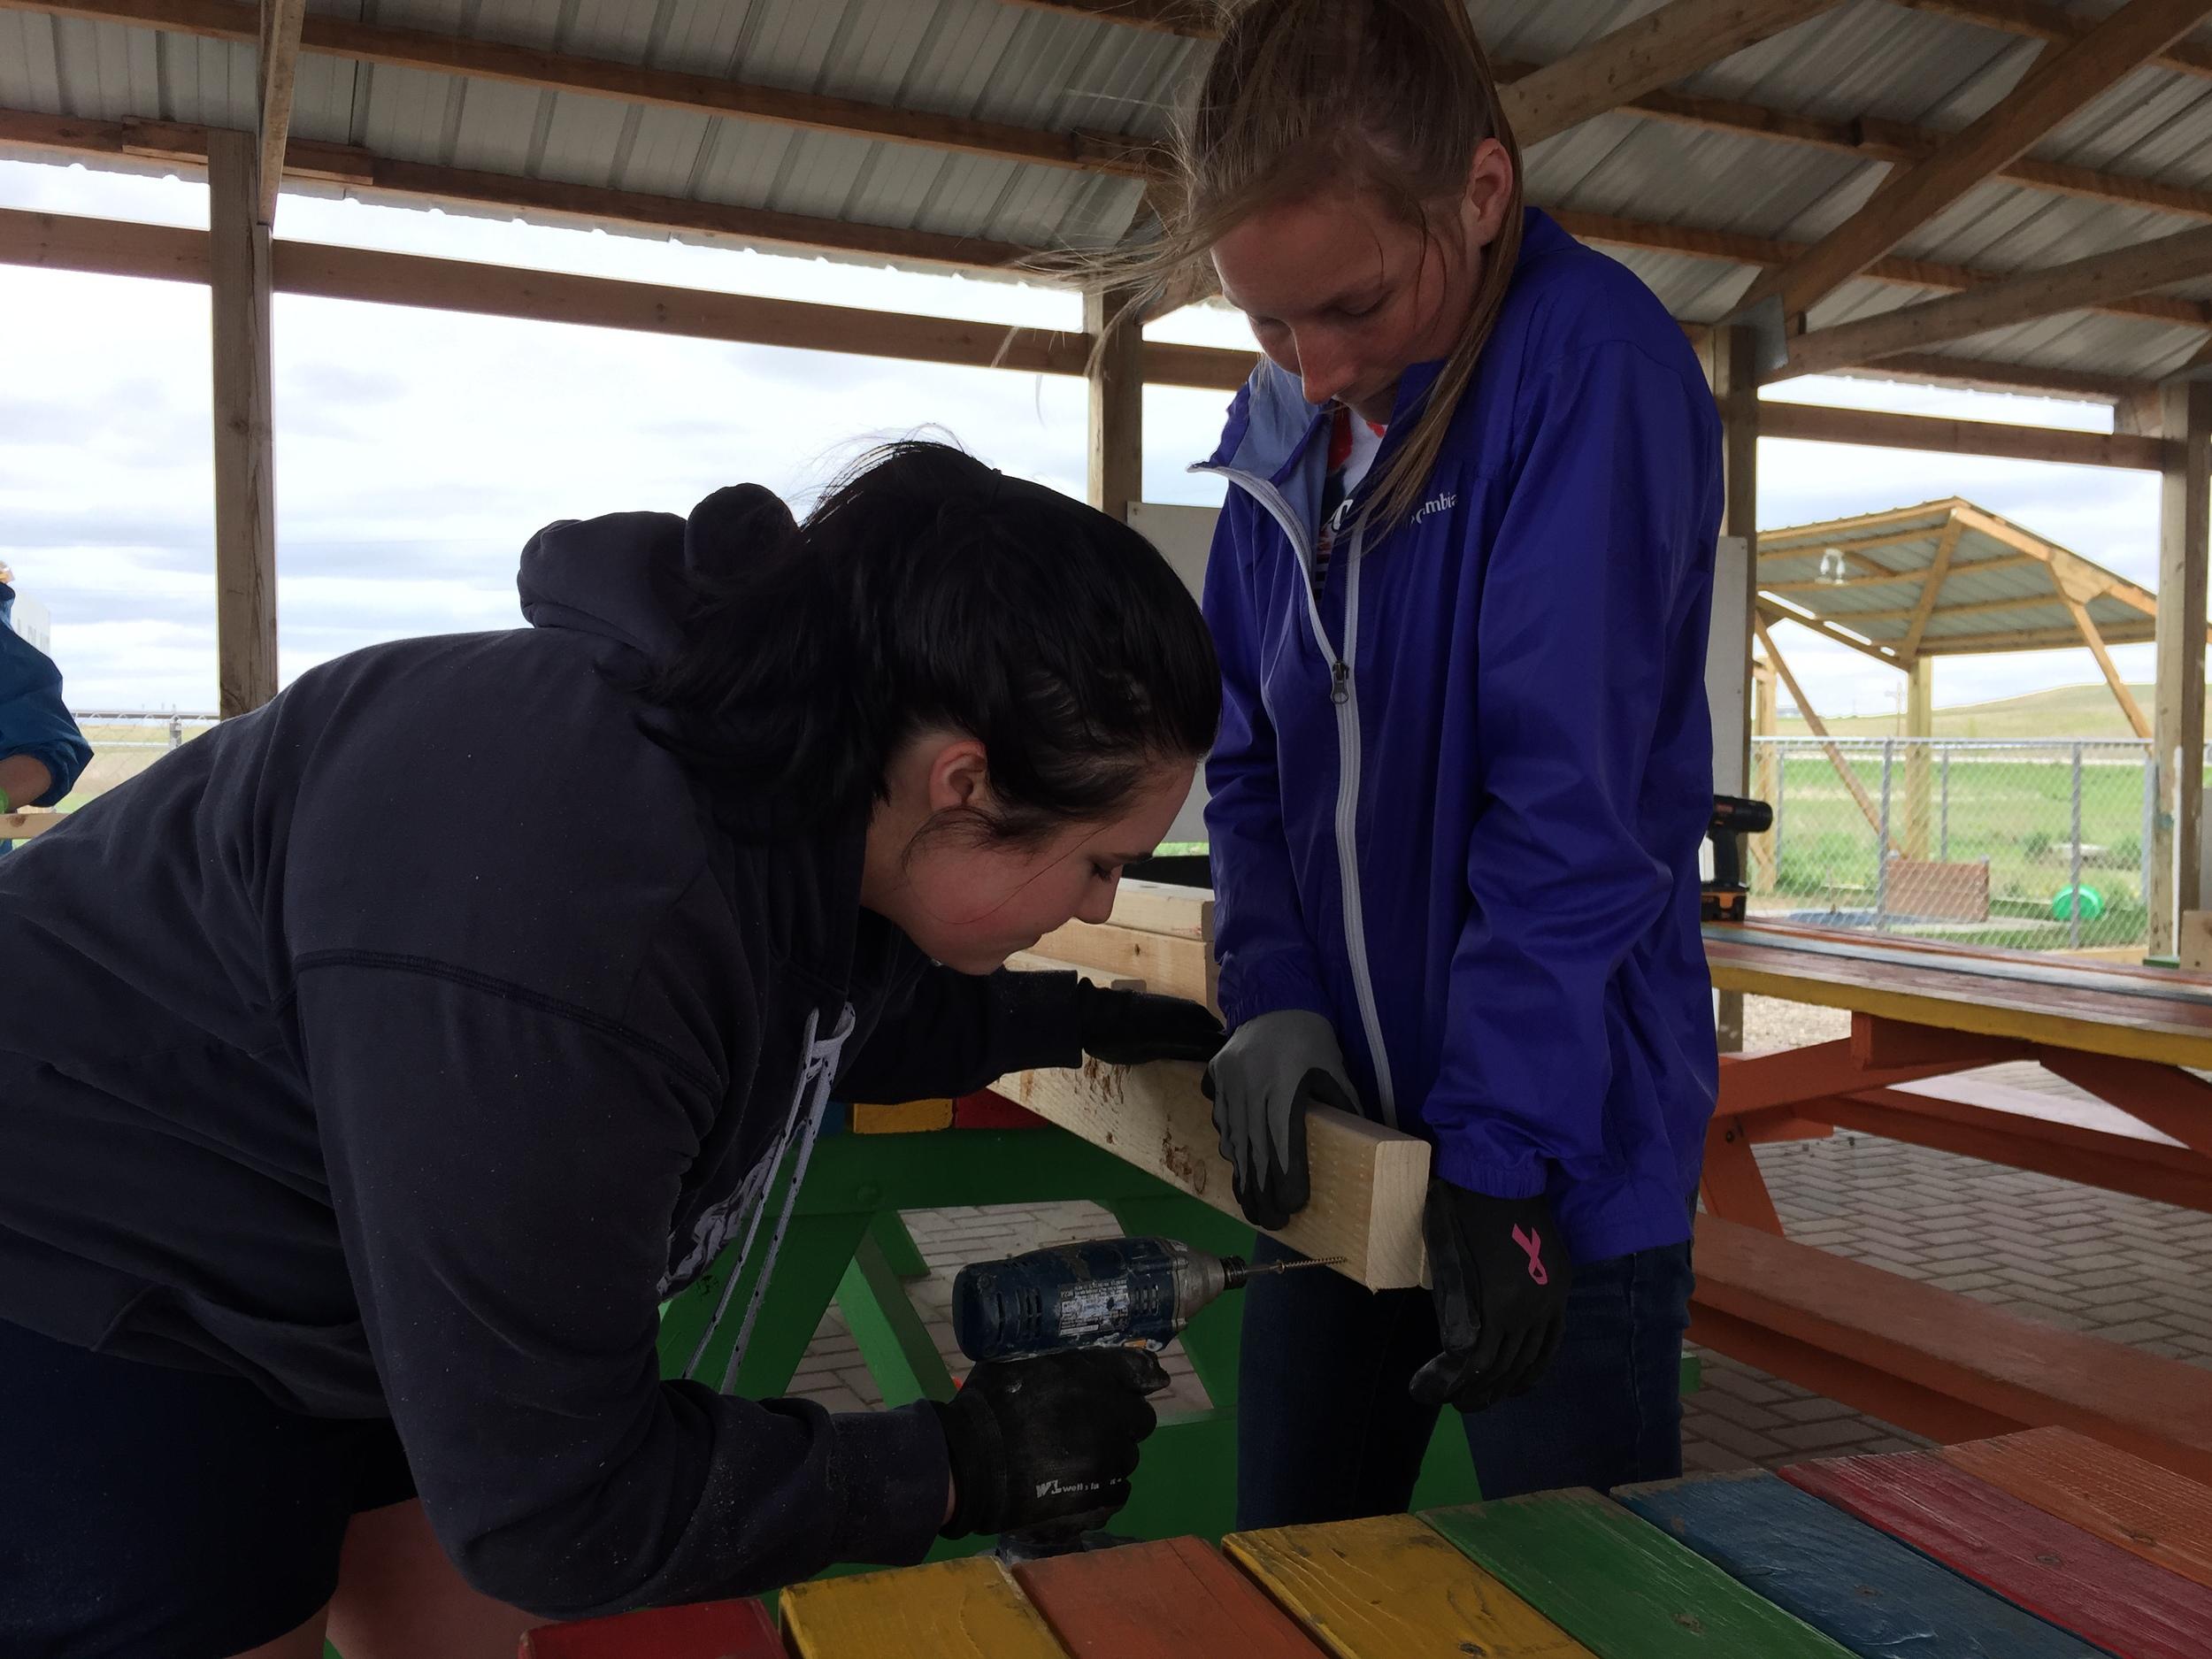 The UWSP crew starts building bunk beds!